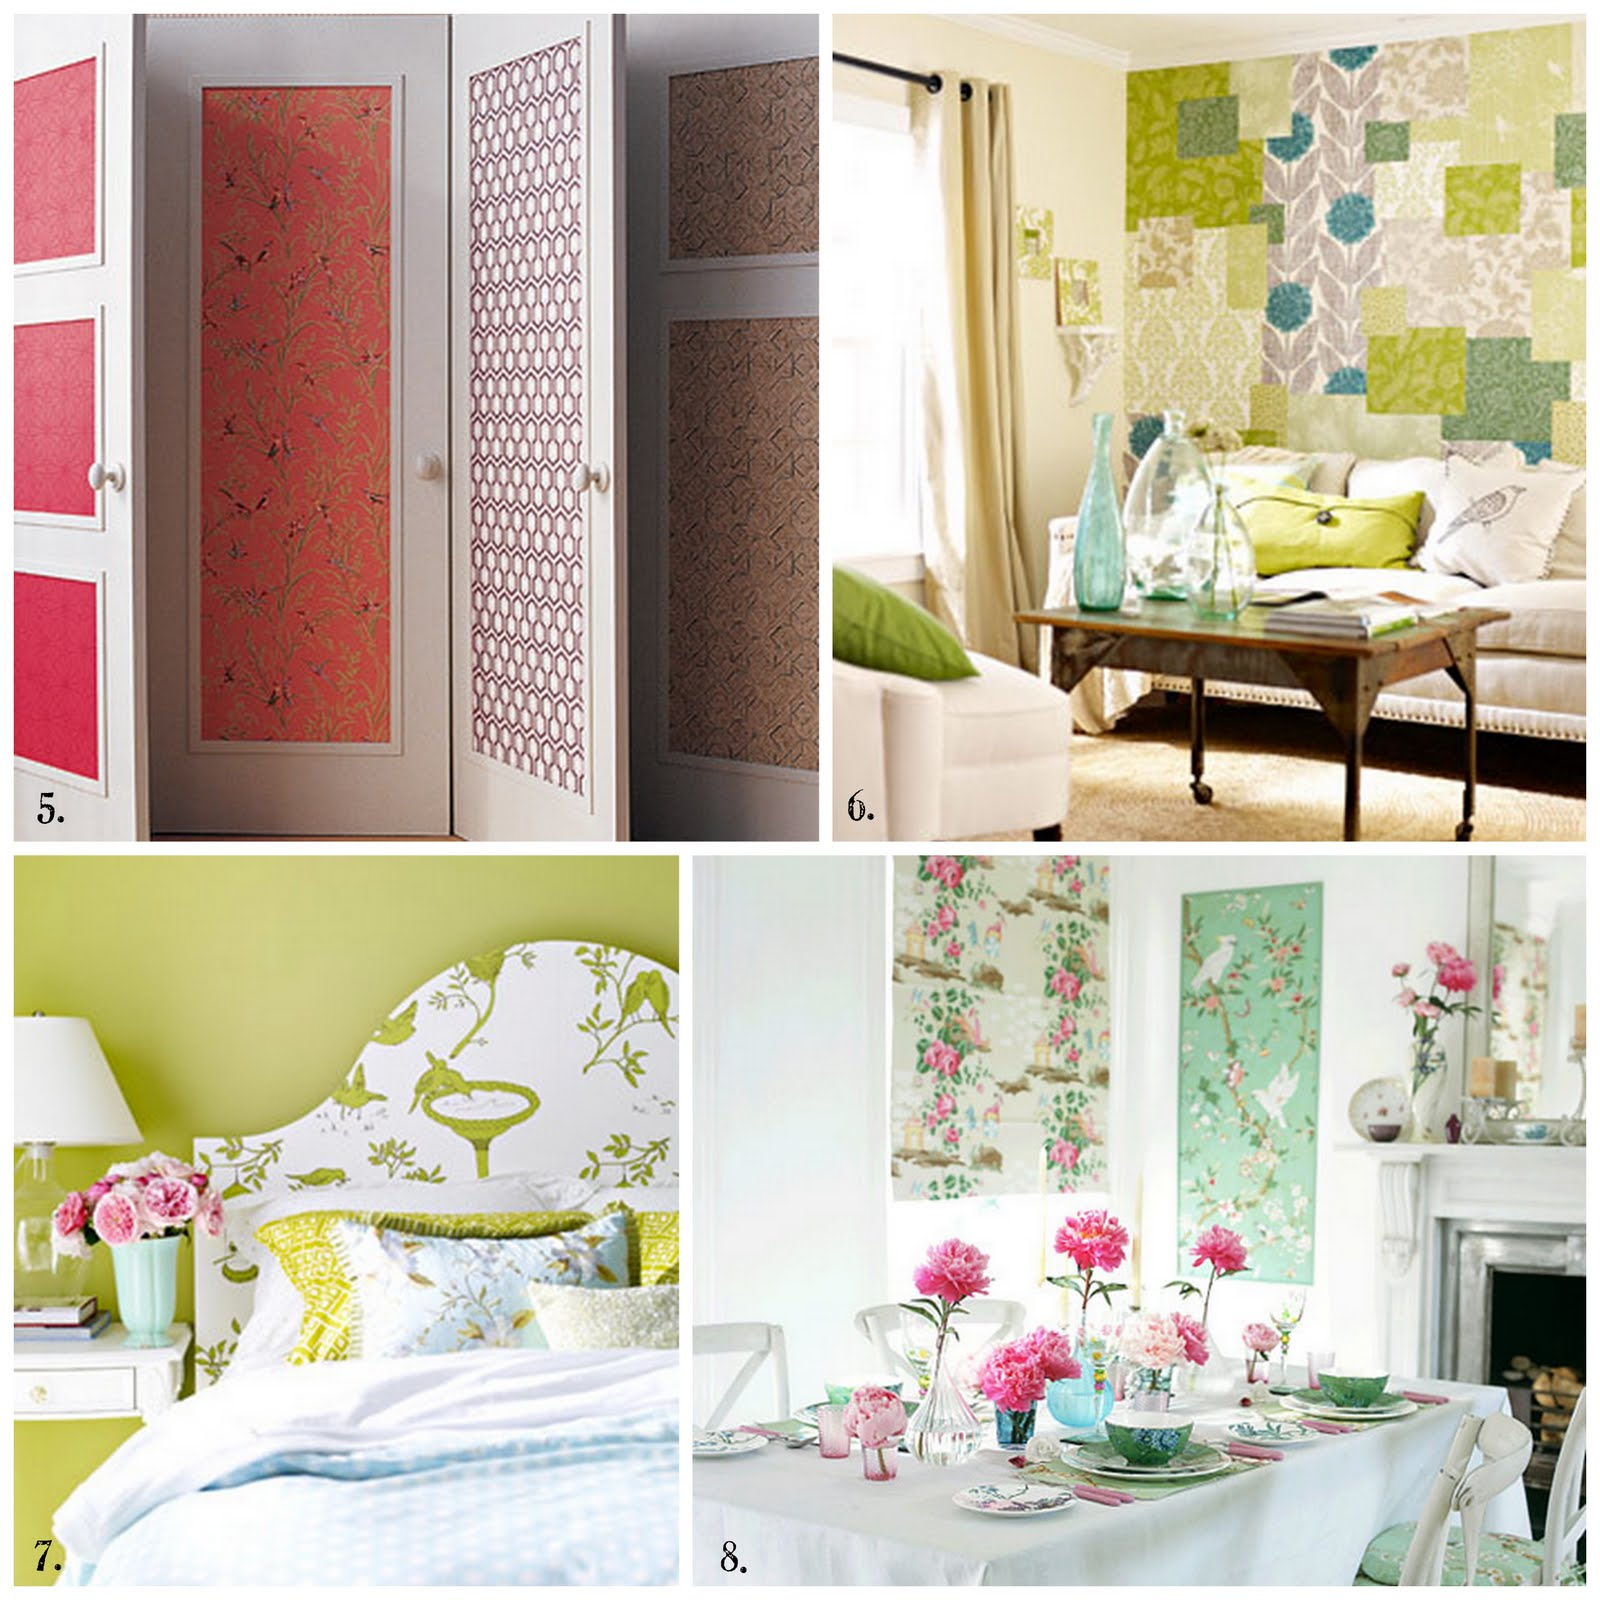 http://4.bp.blogspot.com/_Q0EnxCRe6gA/S9UCzVWf5mI/AAAAAAAAGWM/fxwfSuFIOyo/s1600/Wallpaper+Ideas+2.jpg